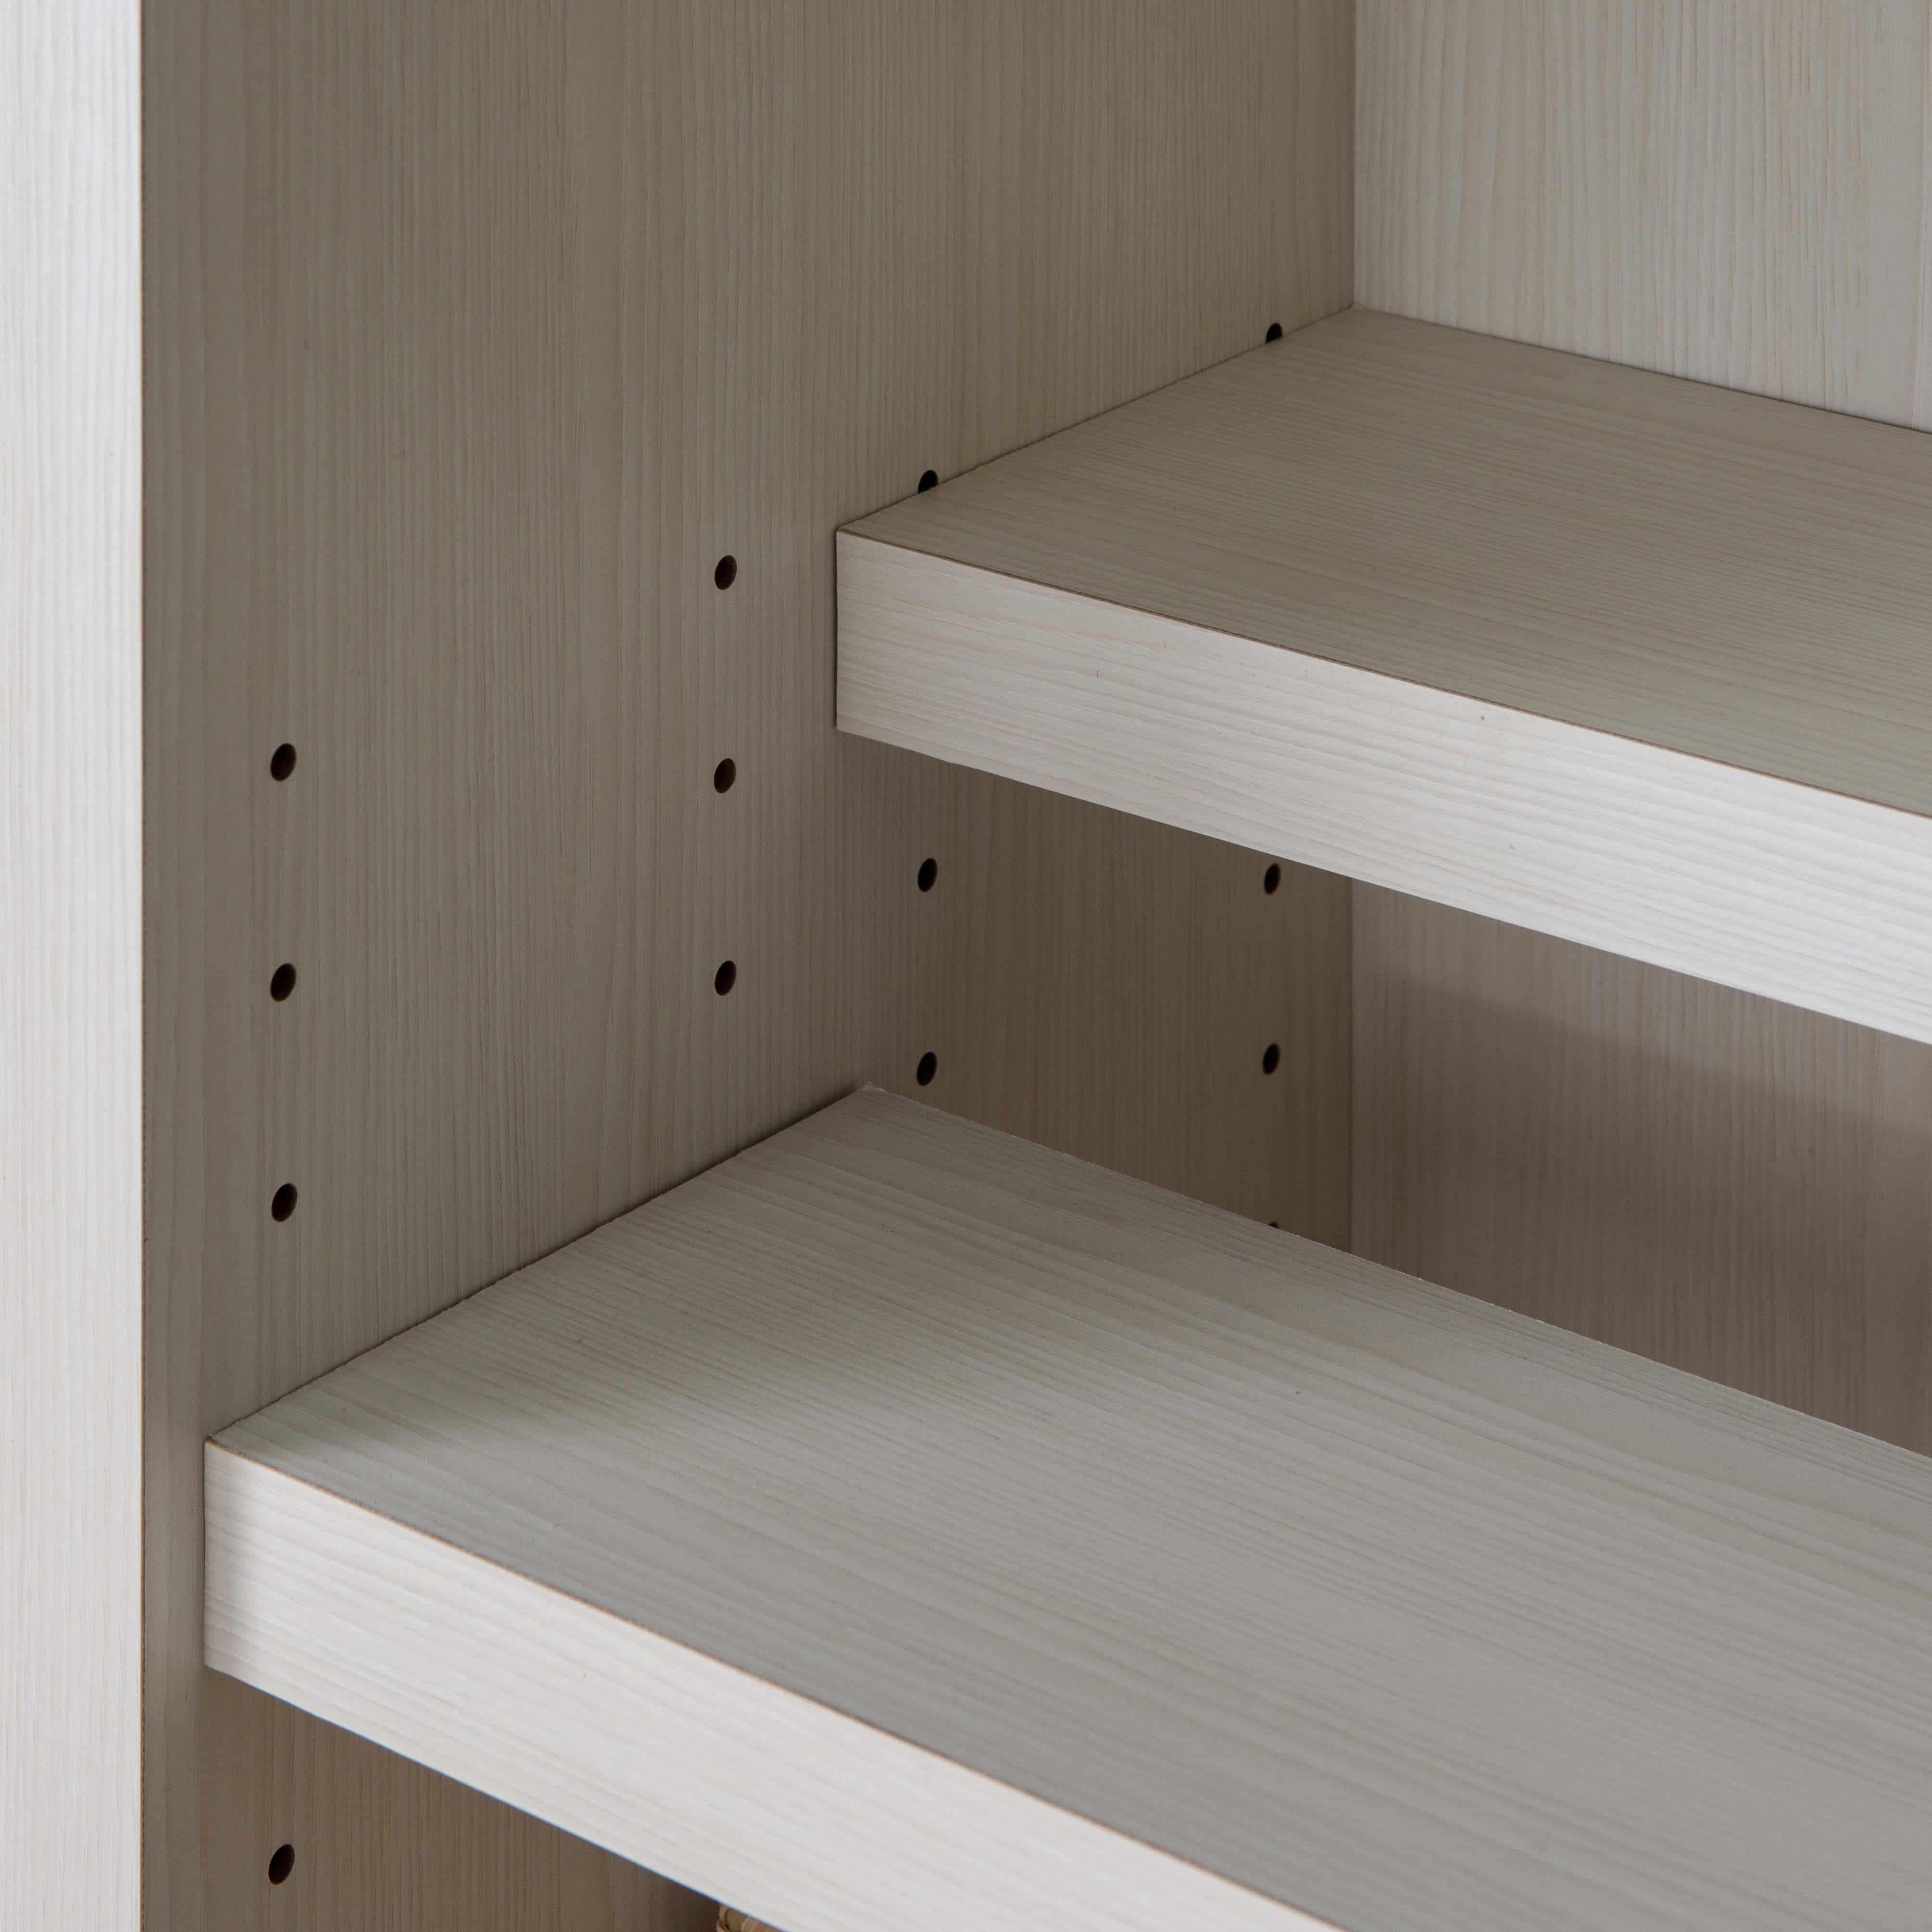 書棚 スカーラ 60Hフリーボード(ナチュラル):細かな調整で無駄なく収納